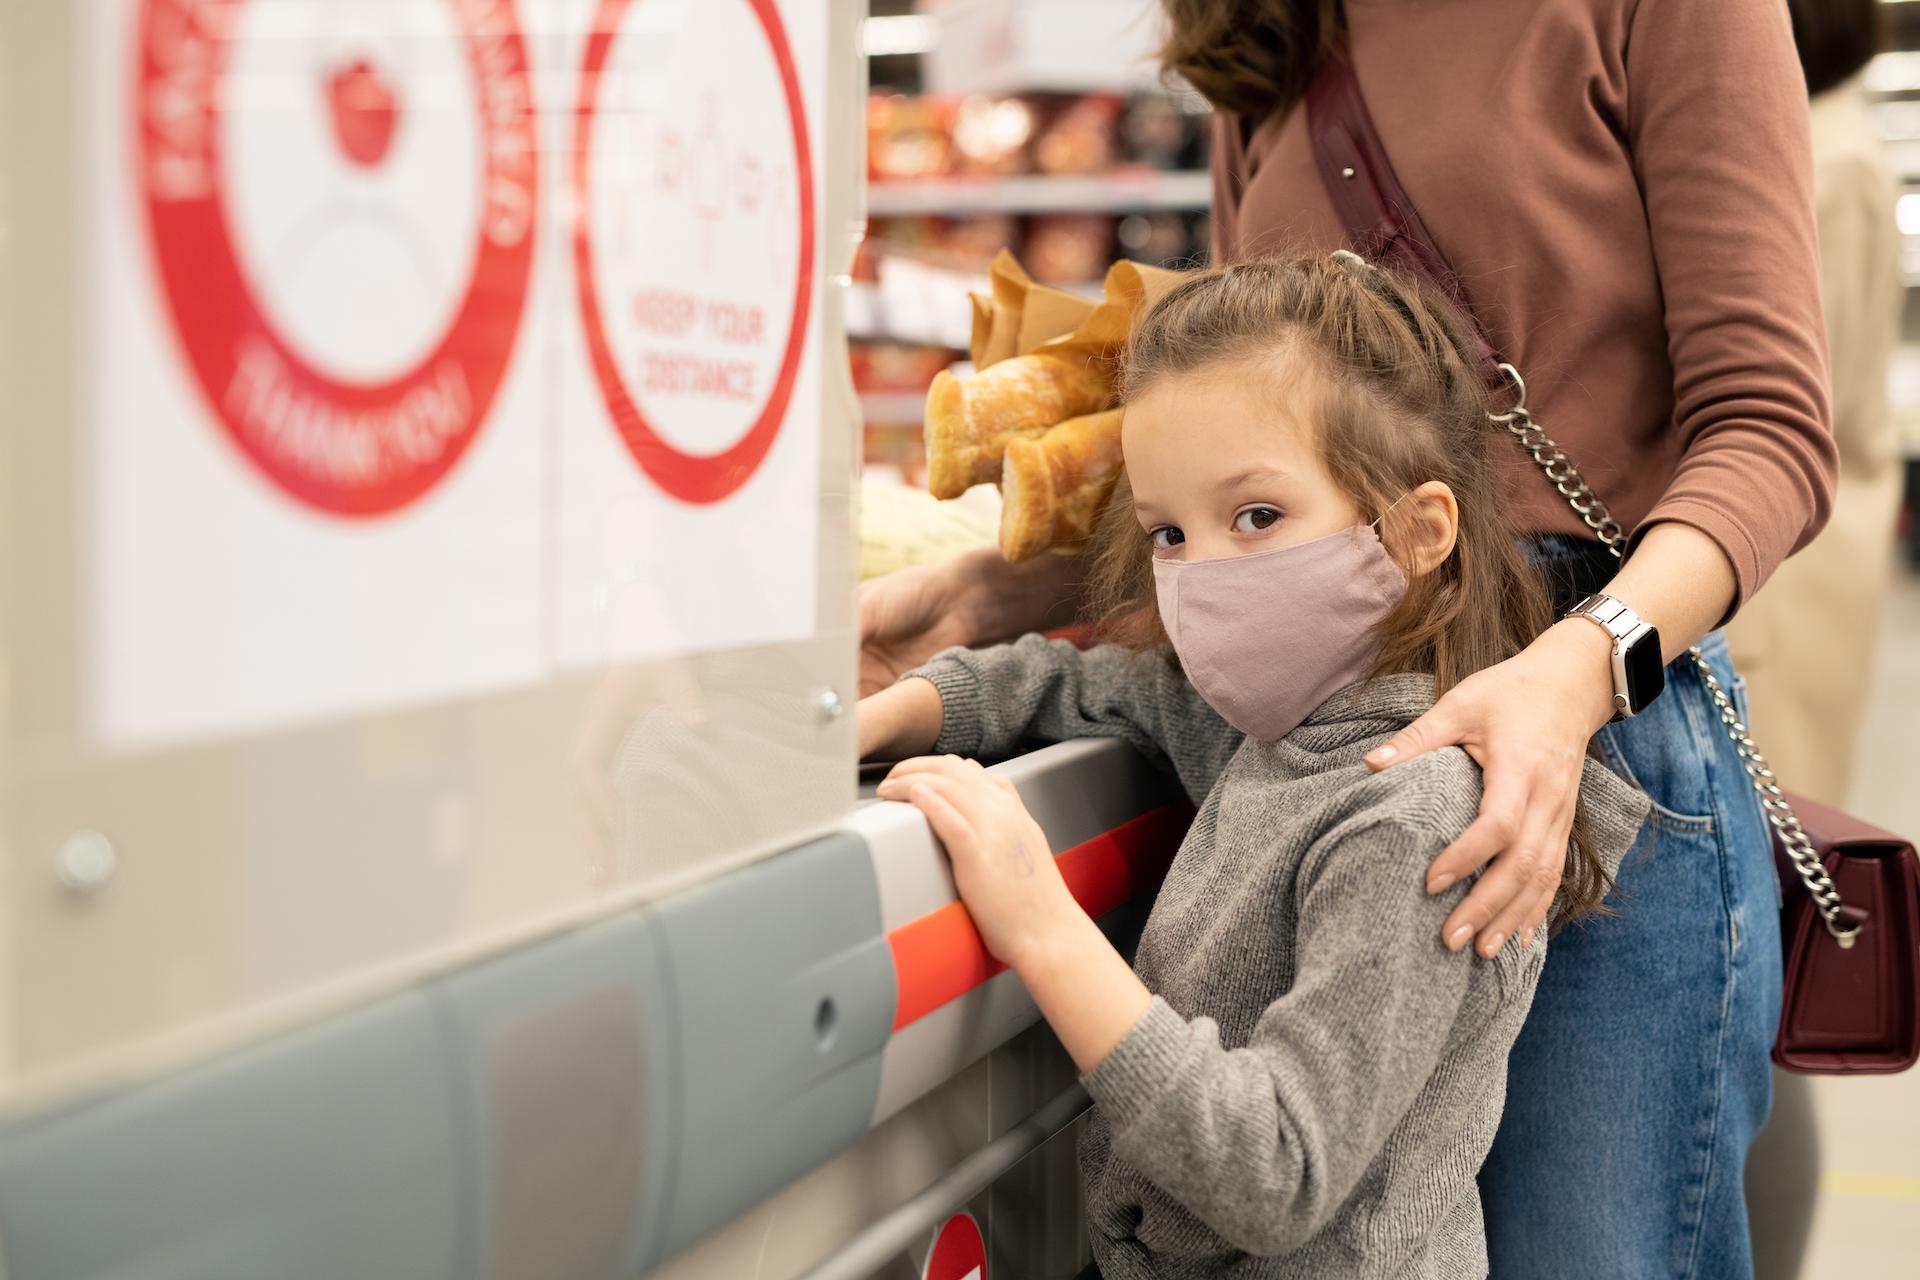 Aşırı koruyucu anne baba tutumu, İLK EVİN - Özel Eğitim ve Rehabilitasyon Merkezi